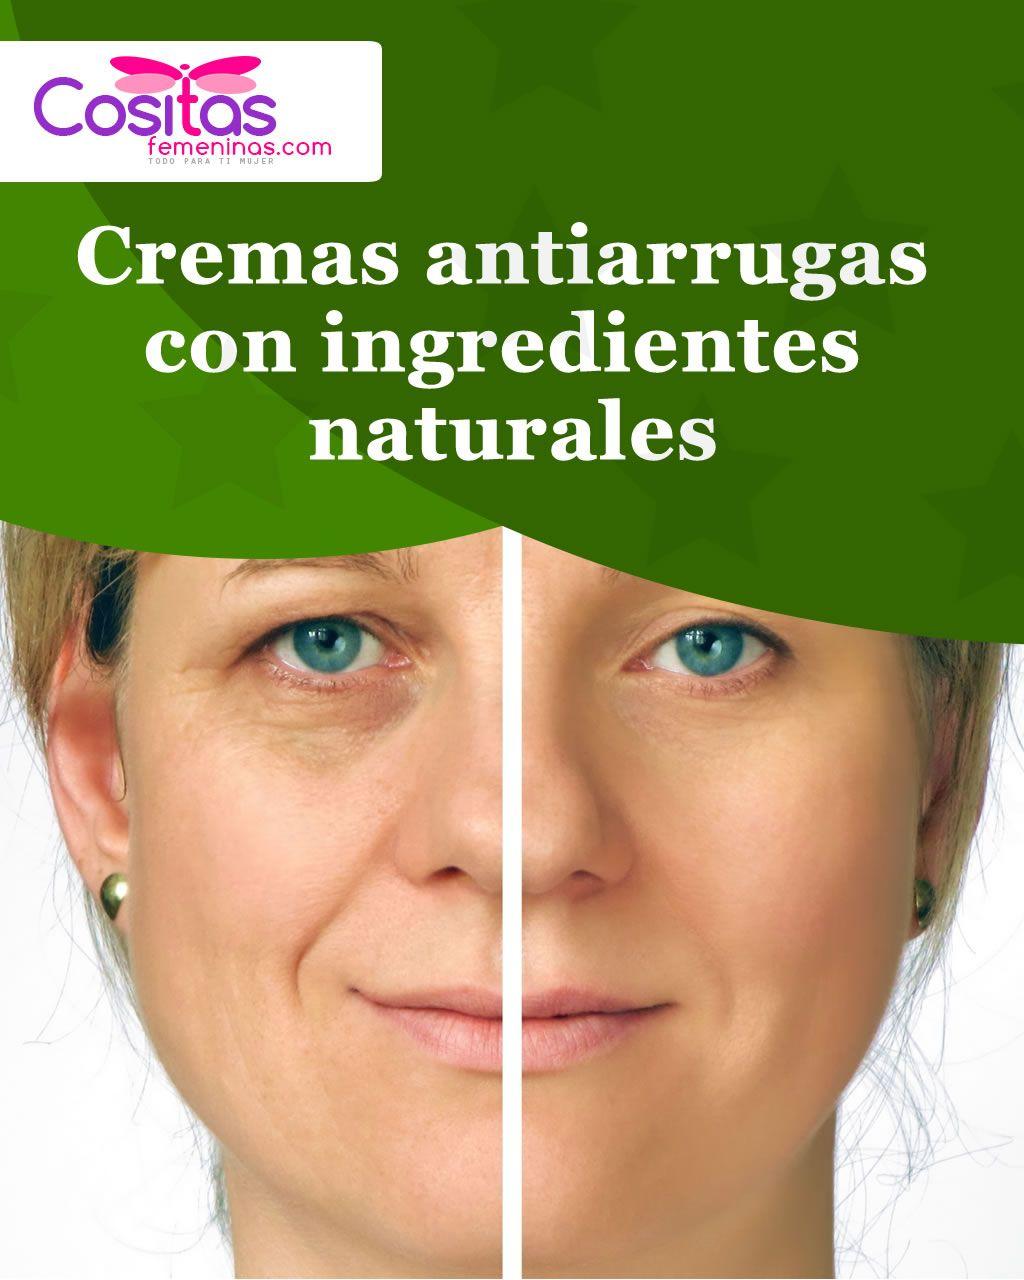 Cremas antiarrugas con ingredientes naturales - Consejos..